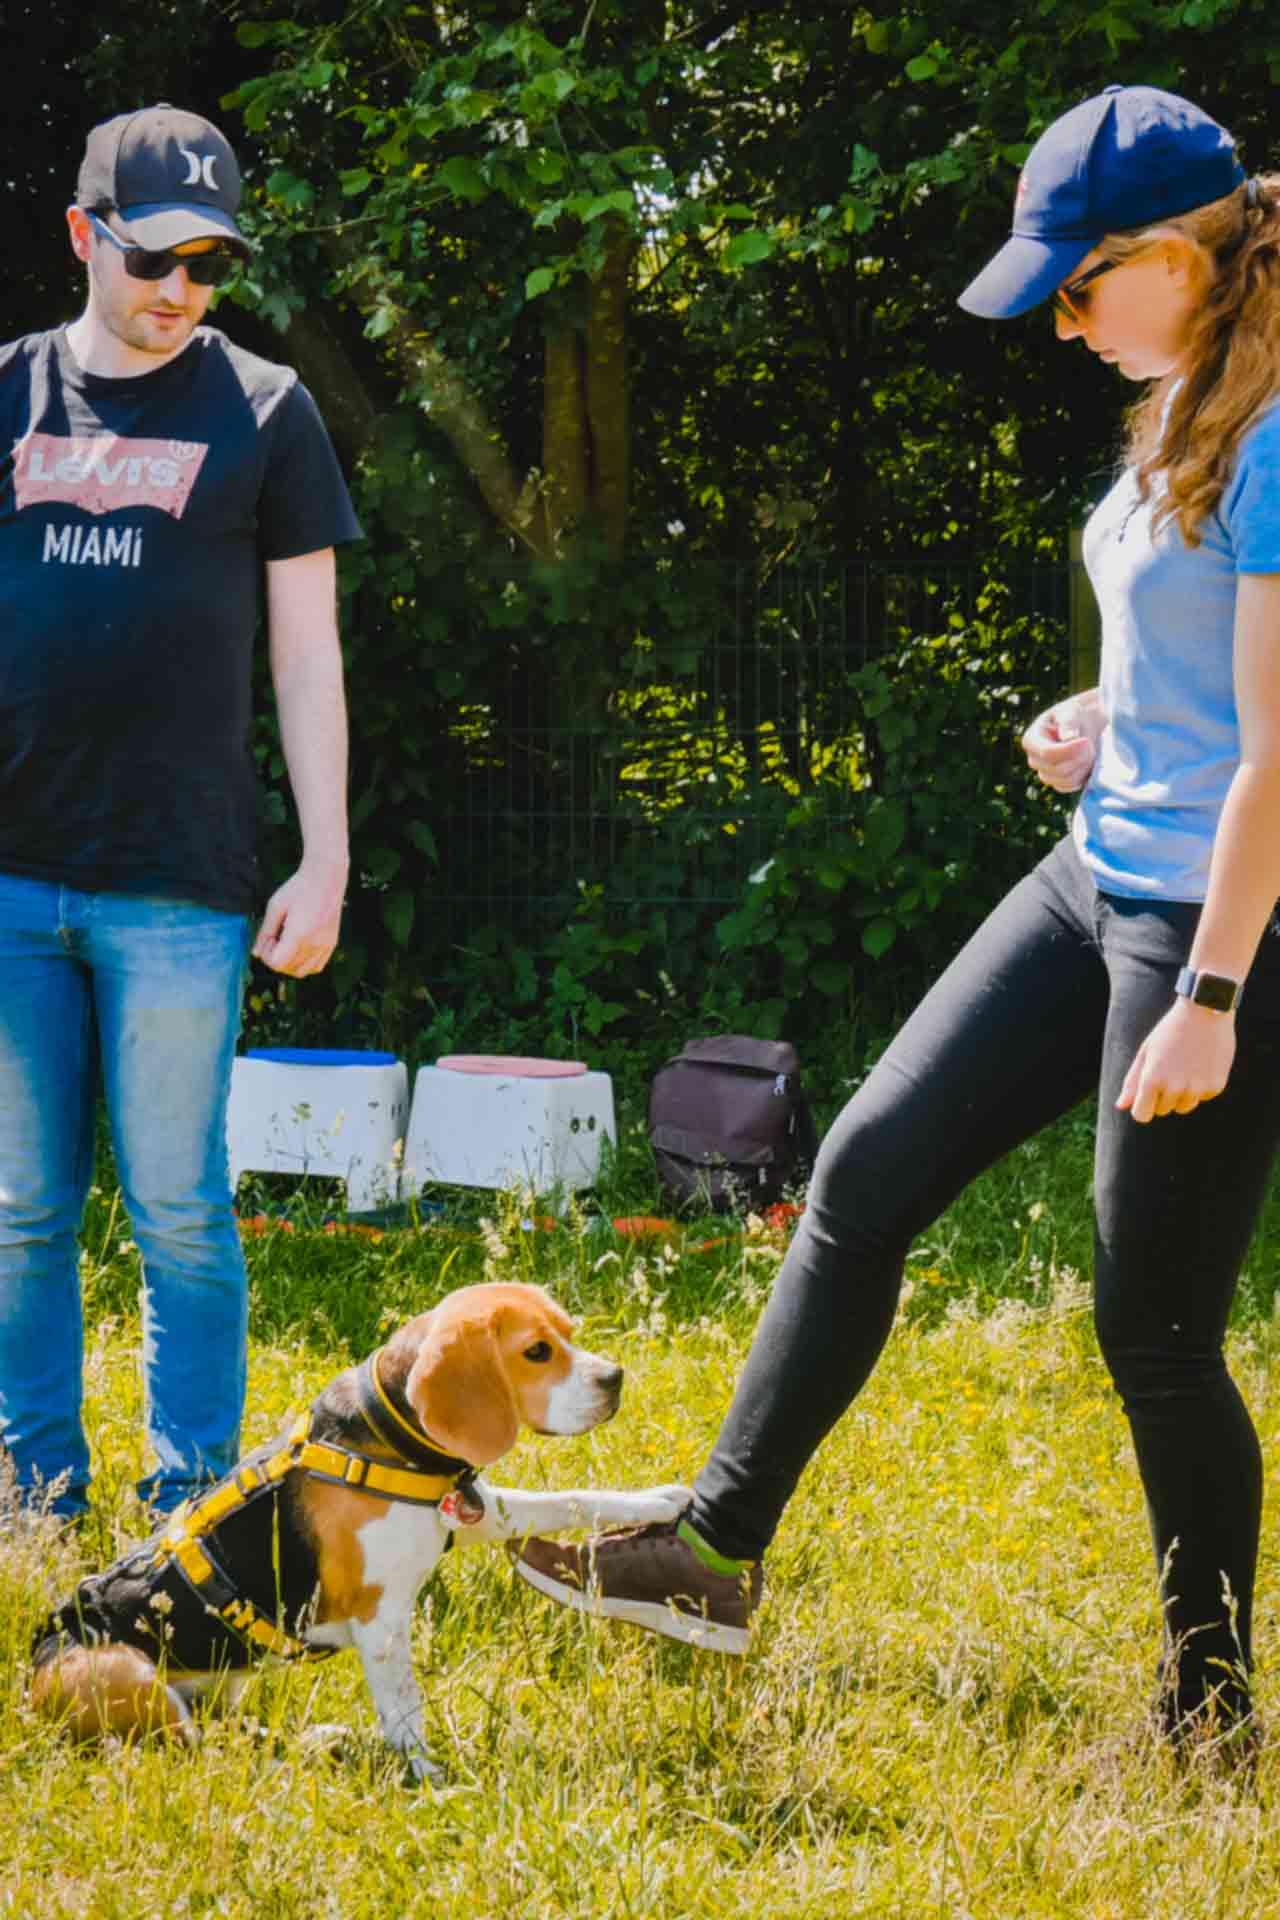 hundpunkt_hundeschule_muenster-ibbenbueren-pfote-2